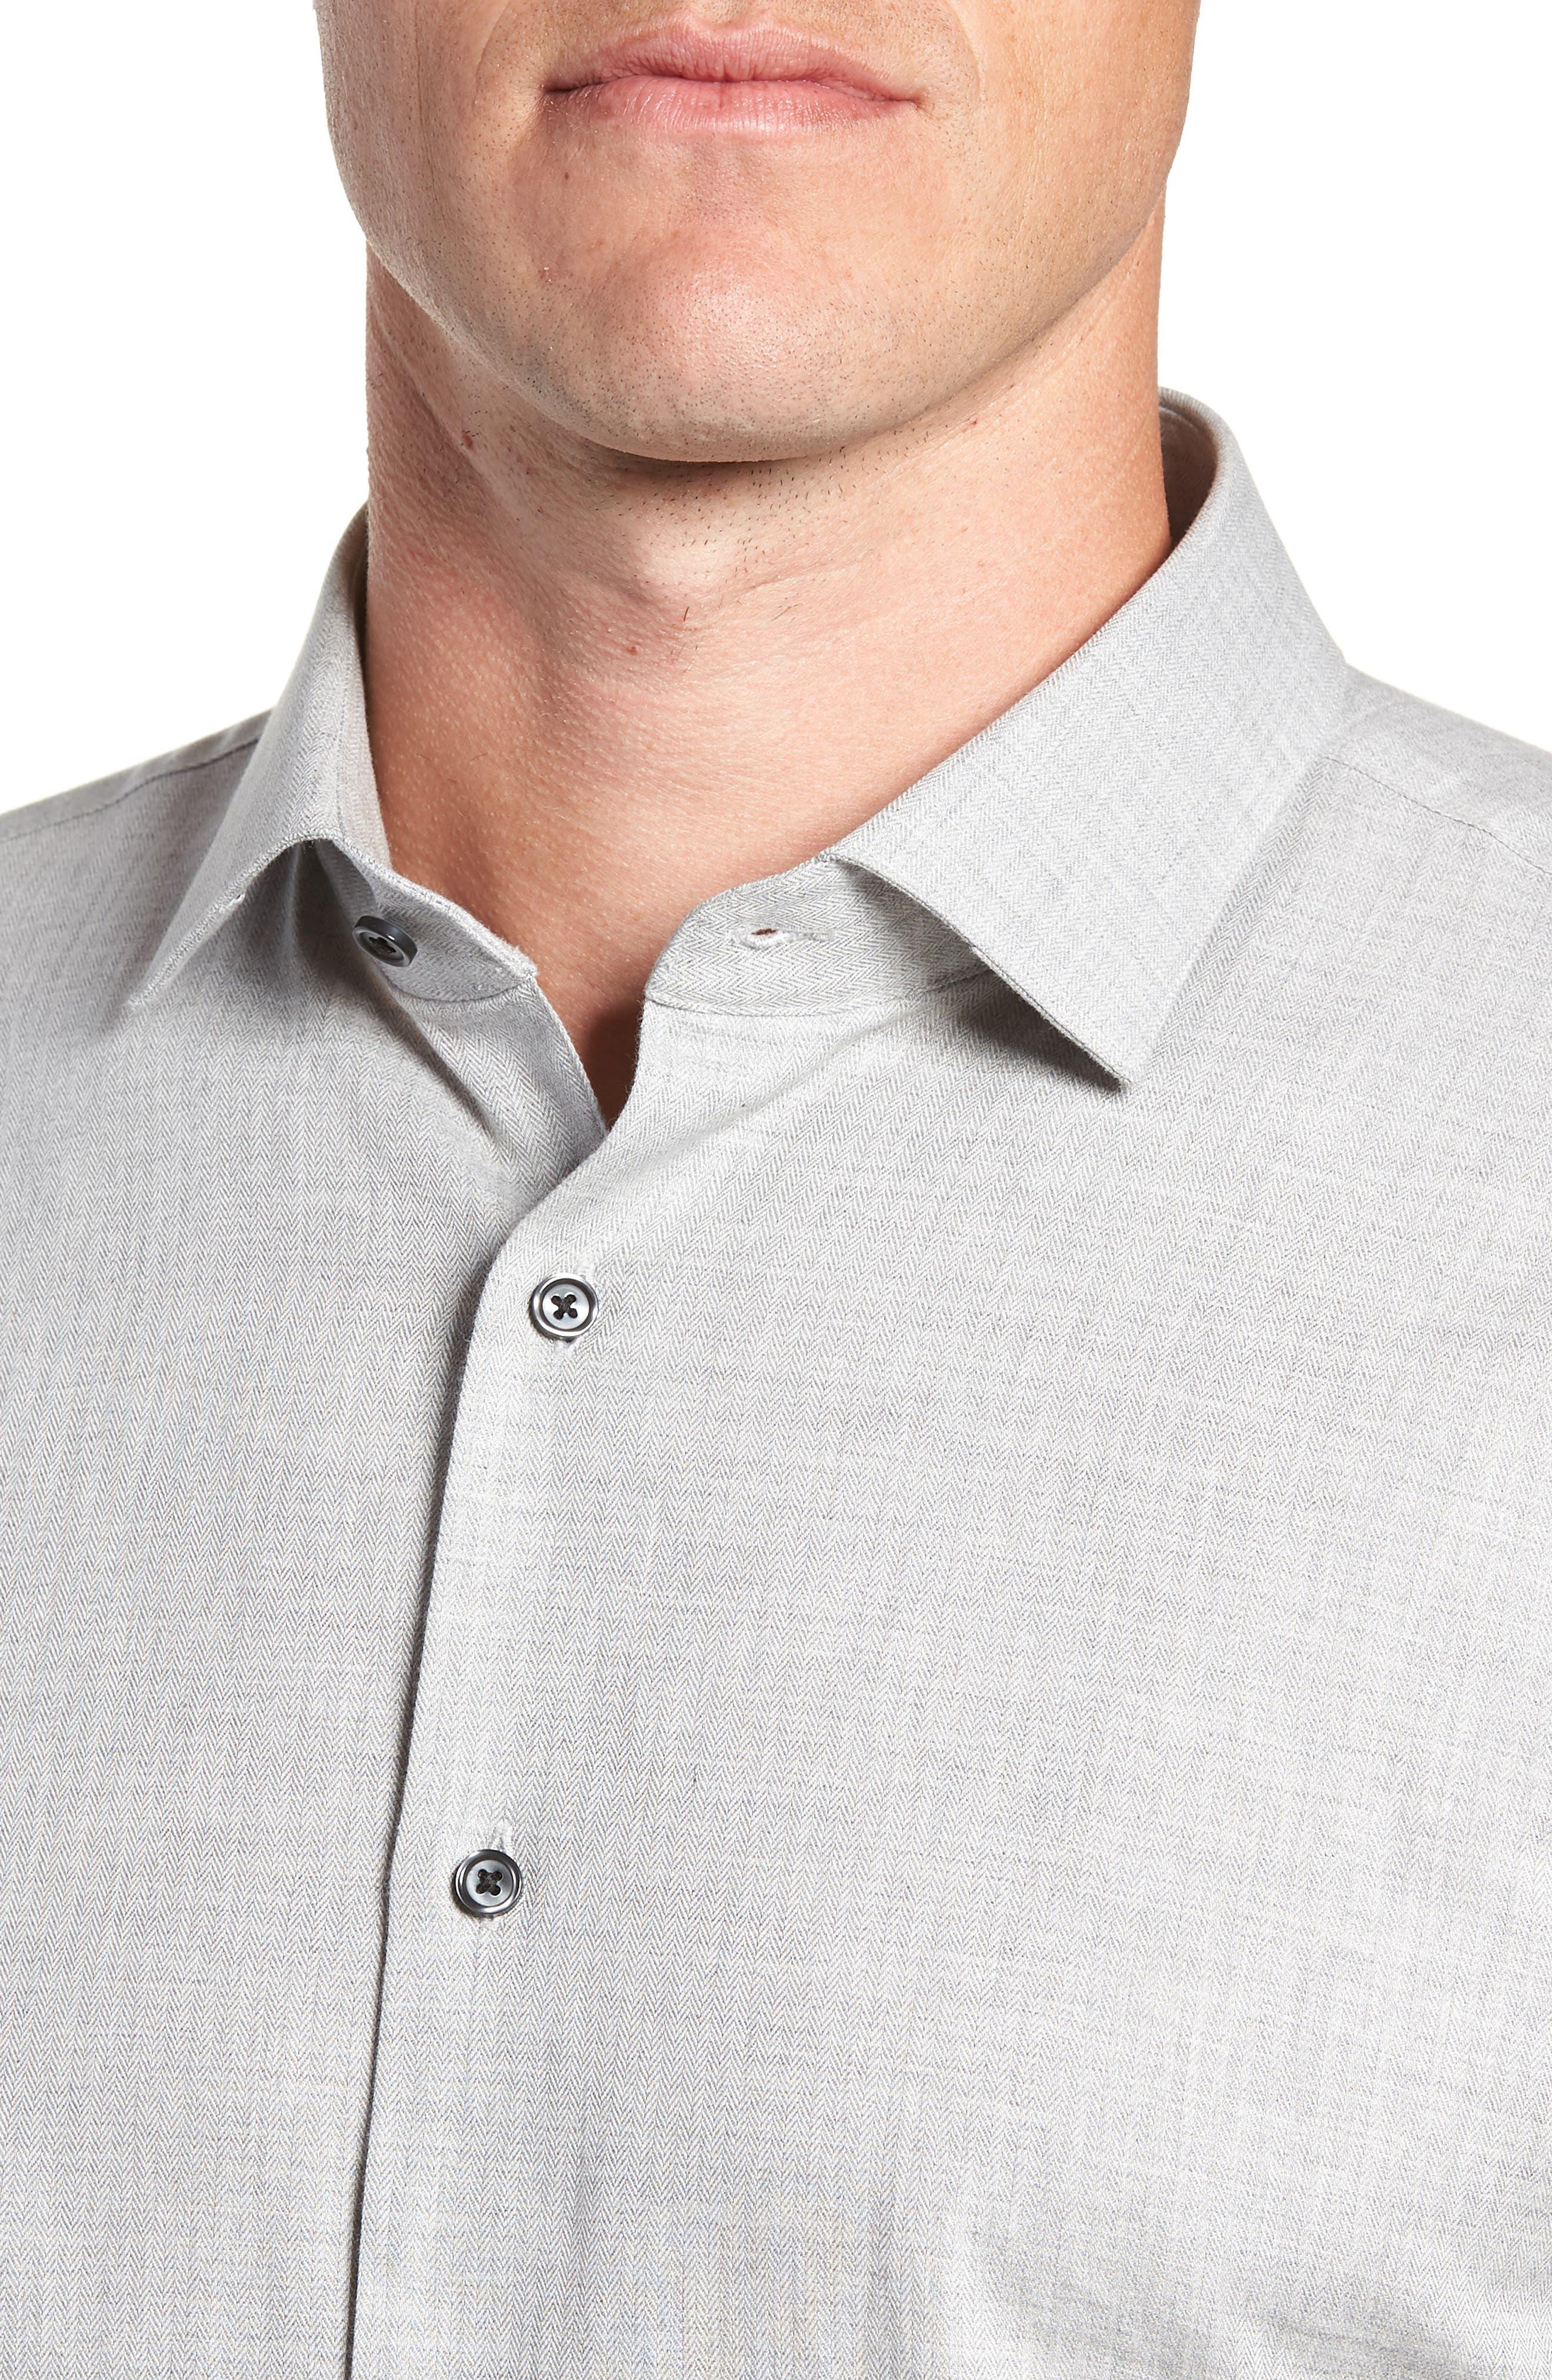 Trim Fit Herringbone Dress Shirt,                             Alternate thumbnail 2, color,                             GREY MICRO